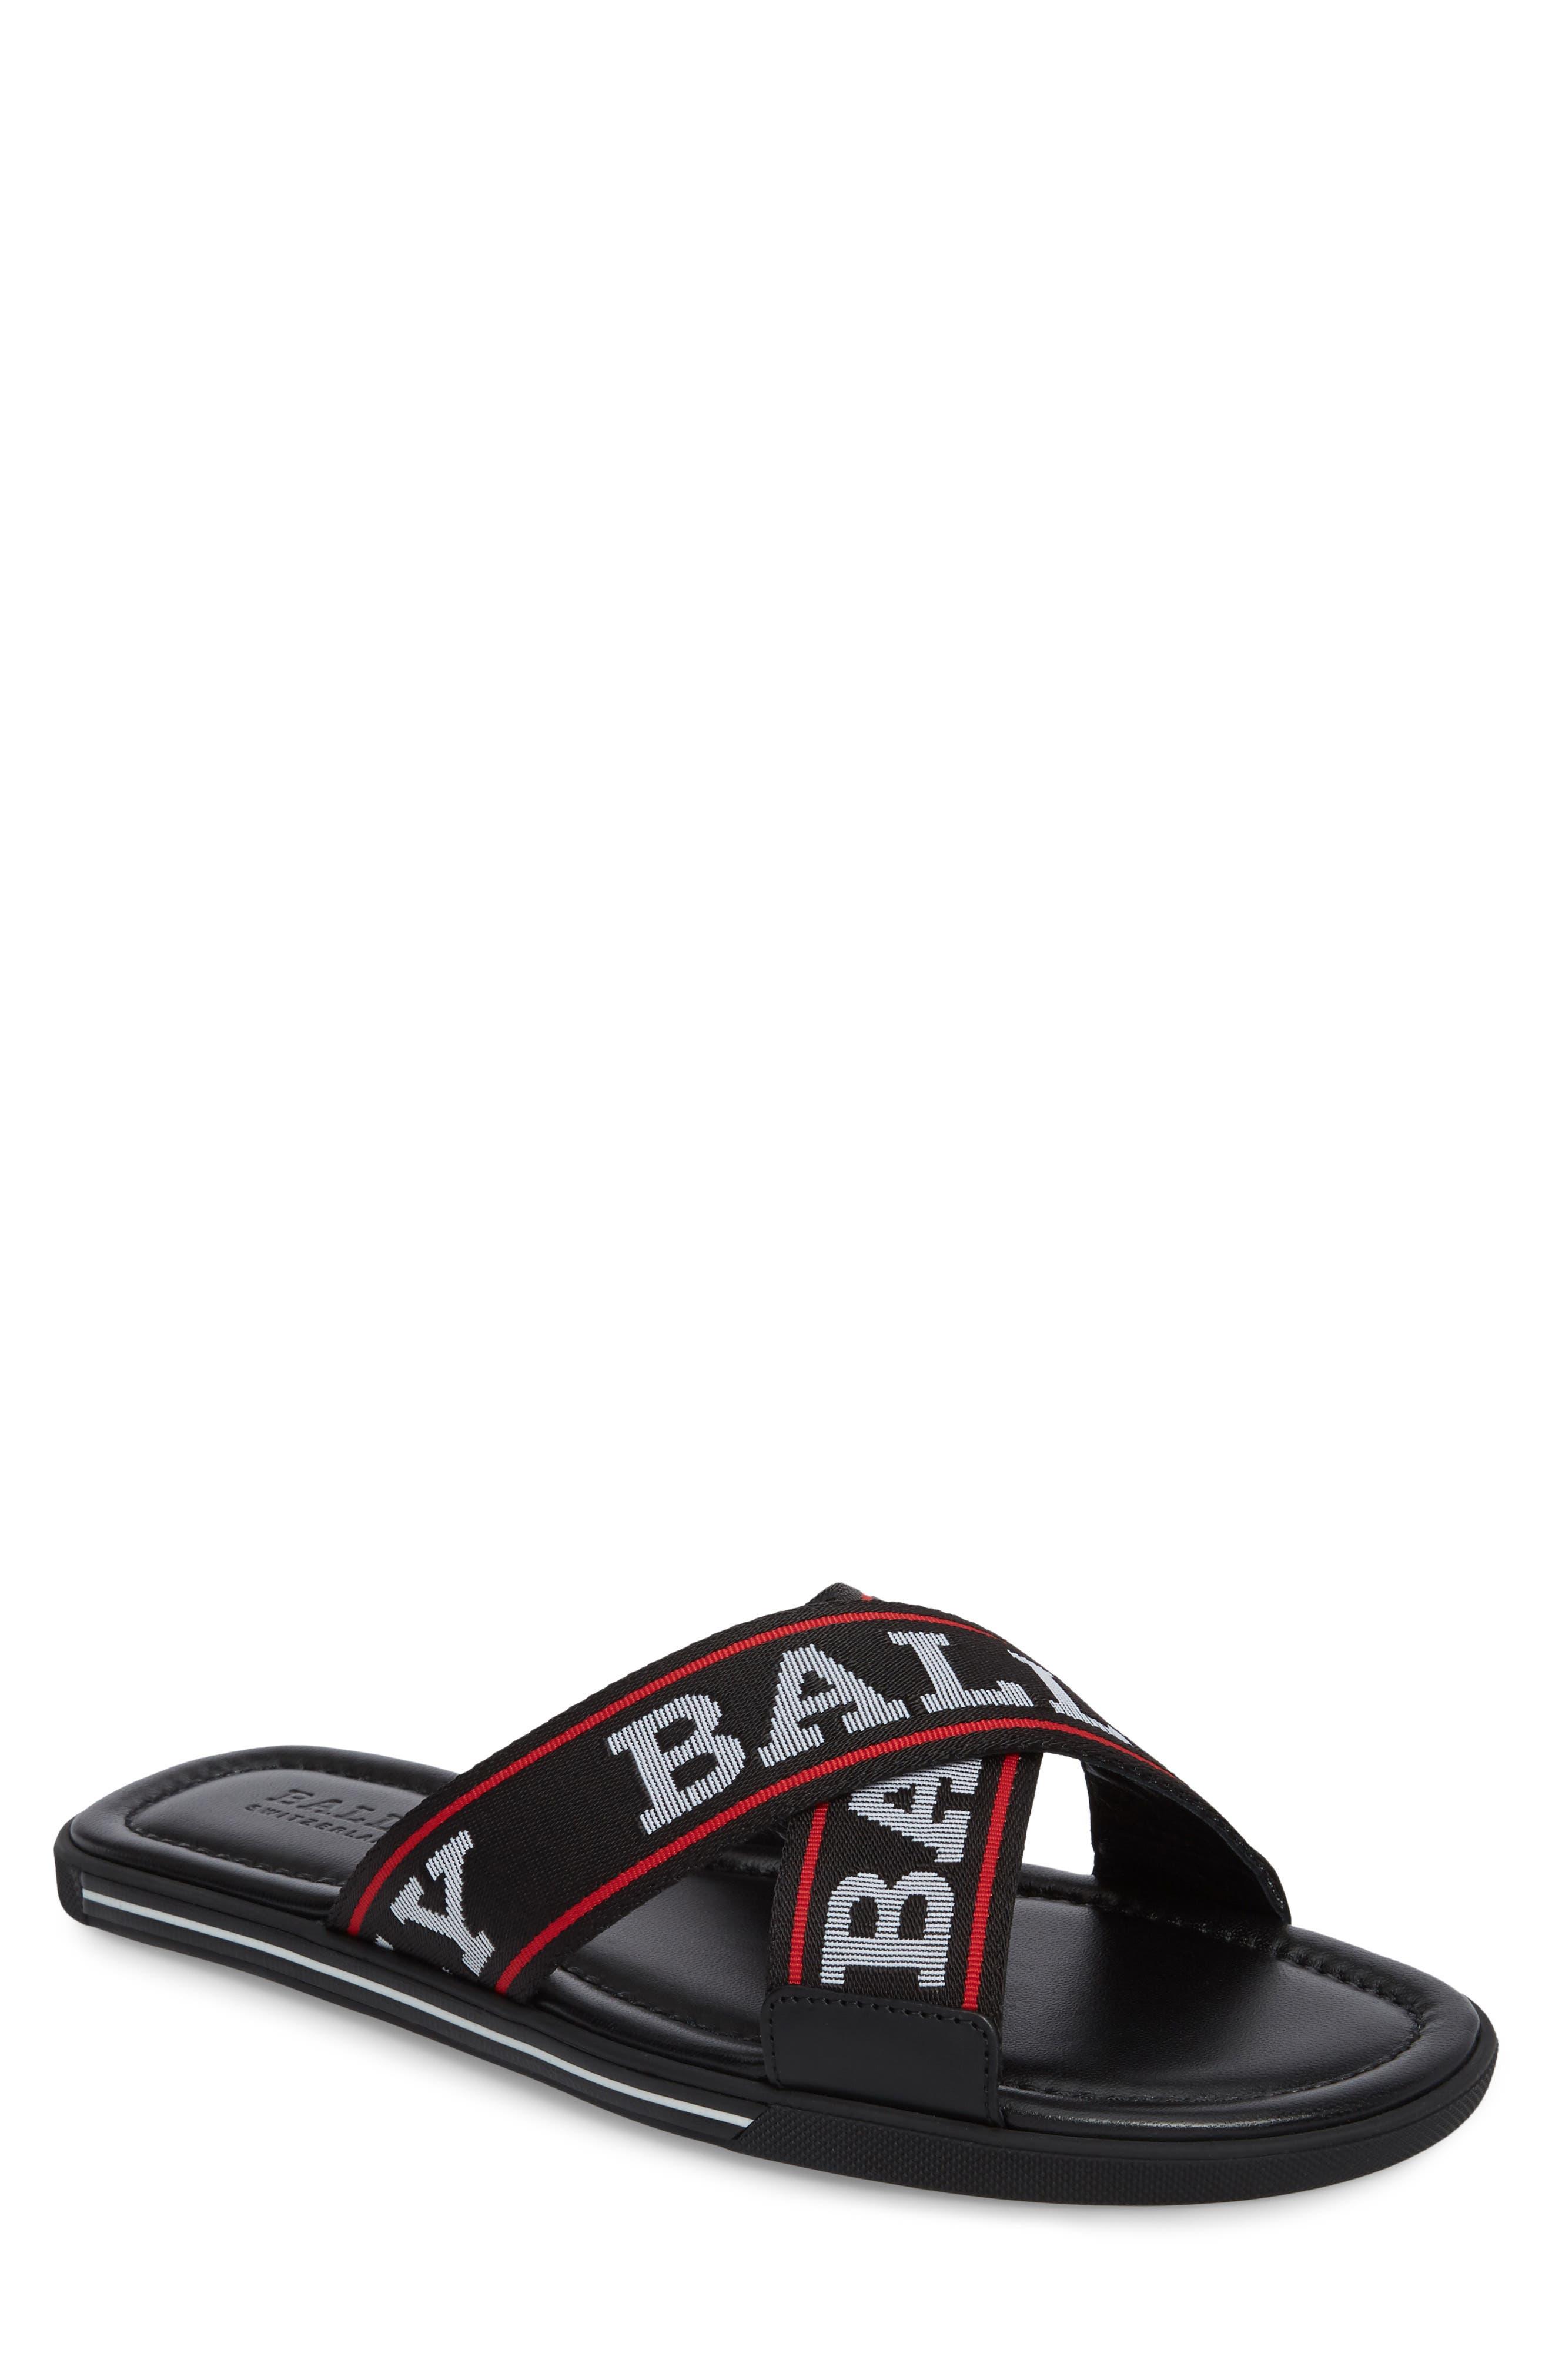 Bonks Logo Slide Sandal,                         Main,                         color, BLACK/ BONE/ RED